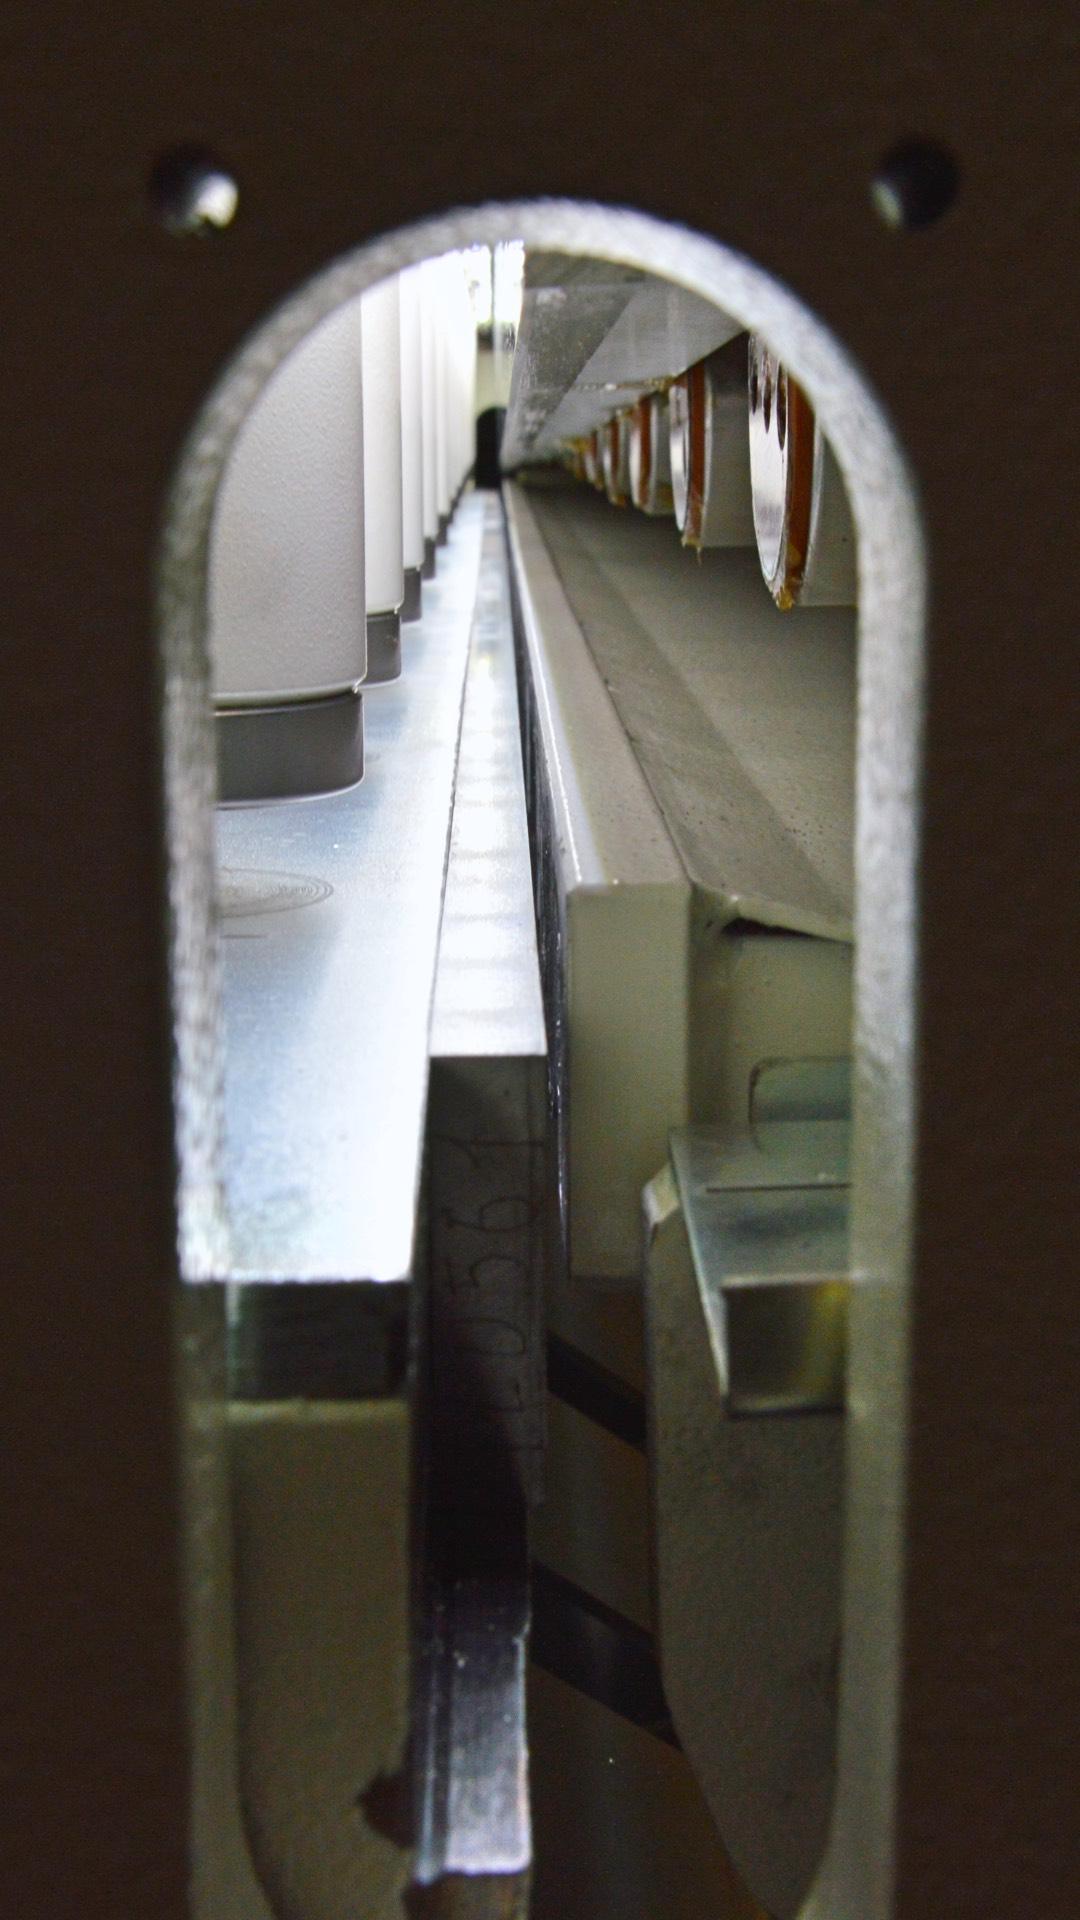 cesoia ghigliottina lame registro posteriore premilamiera